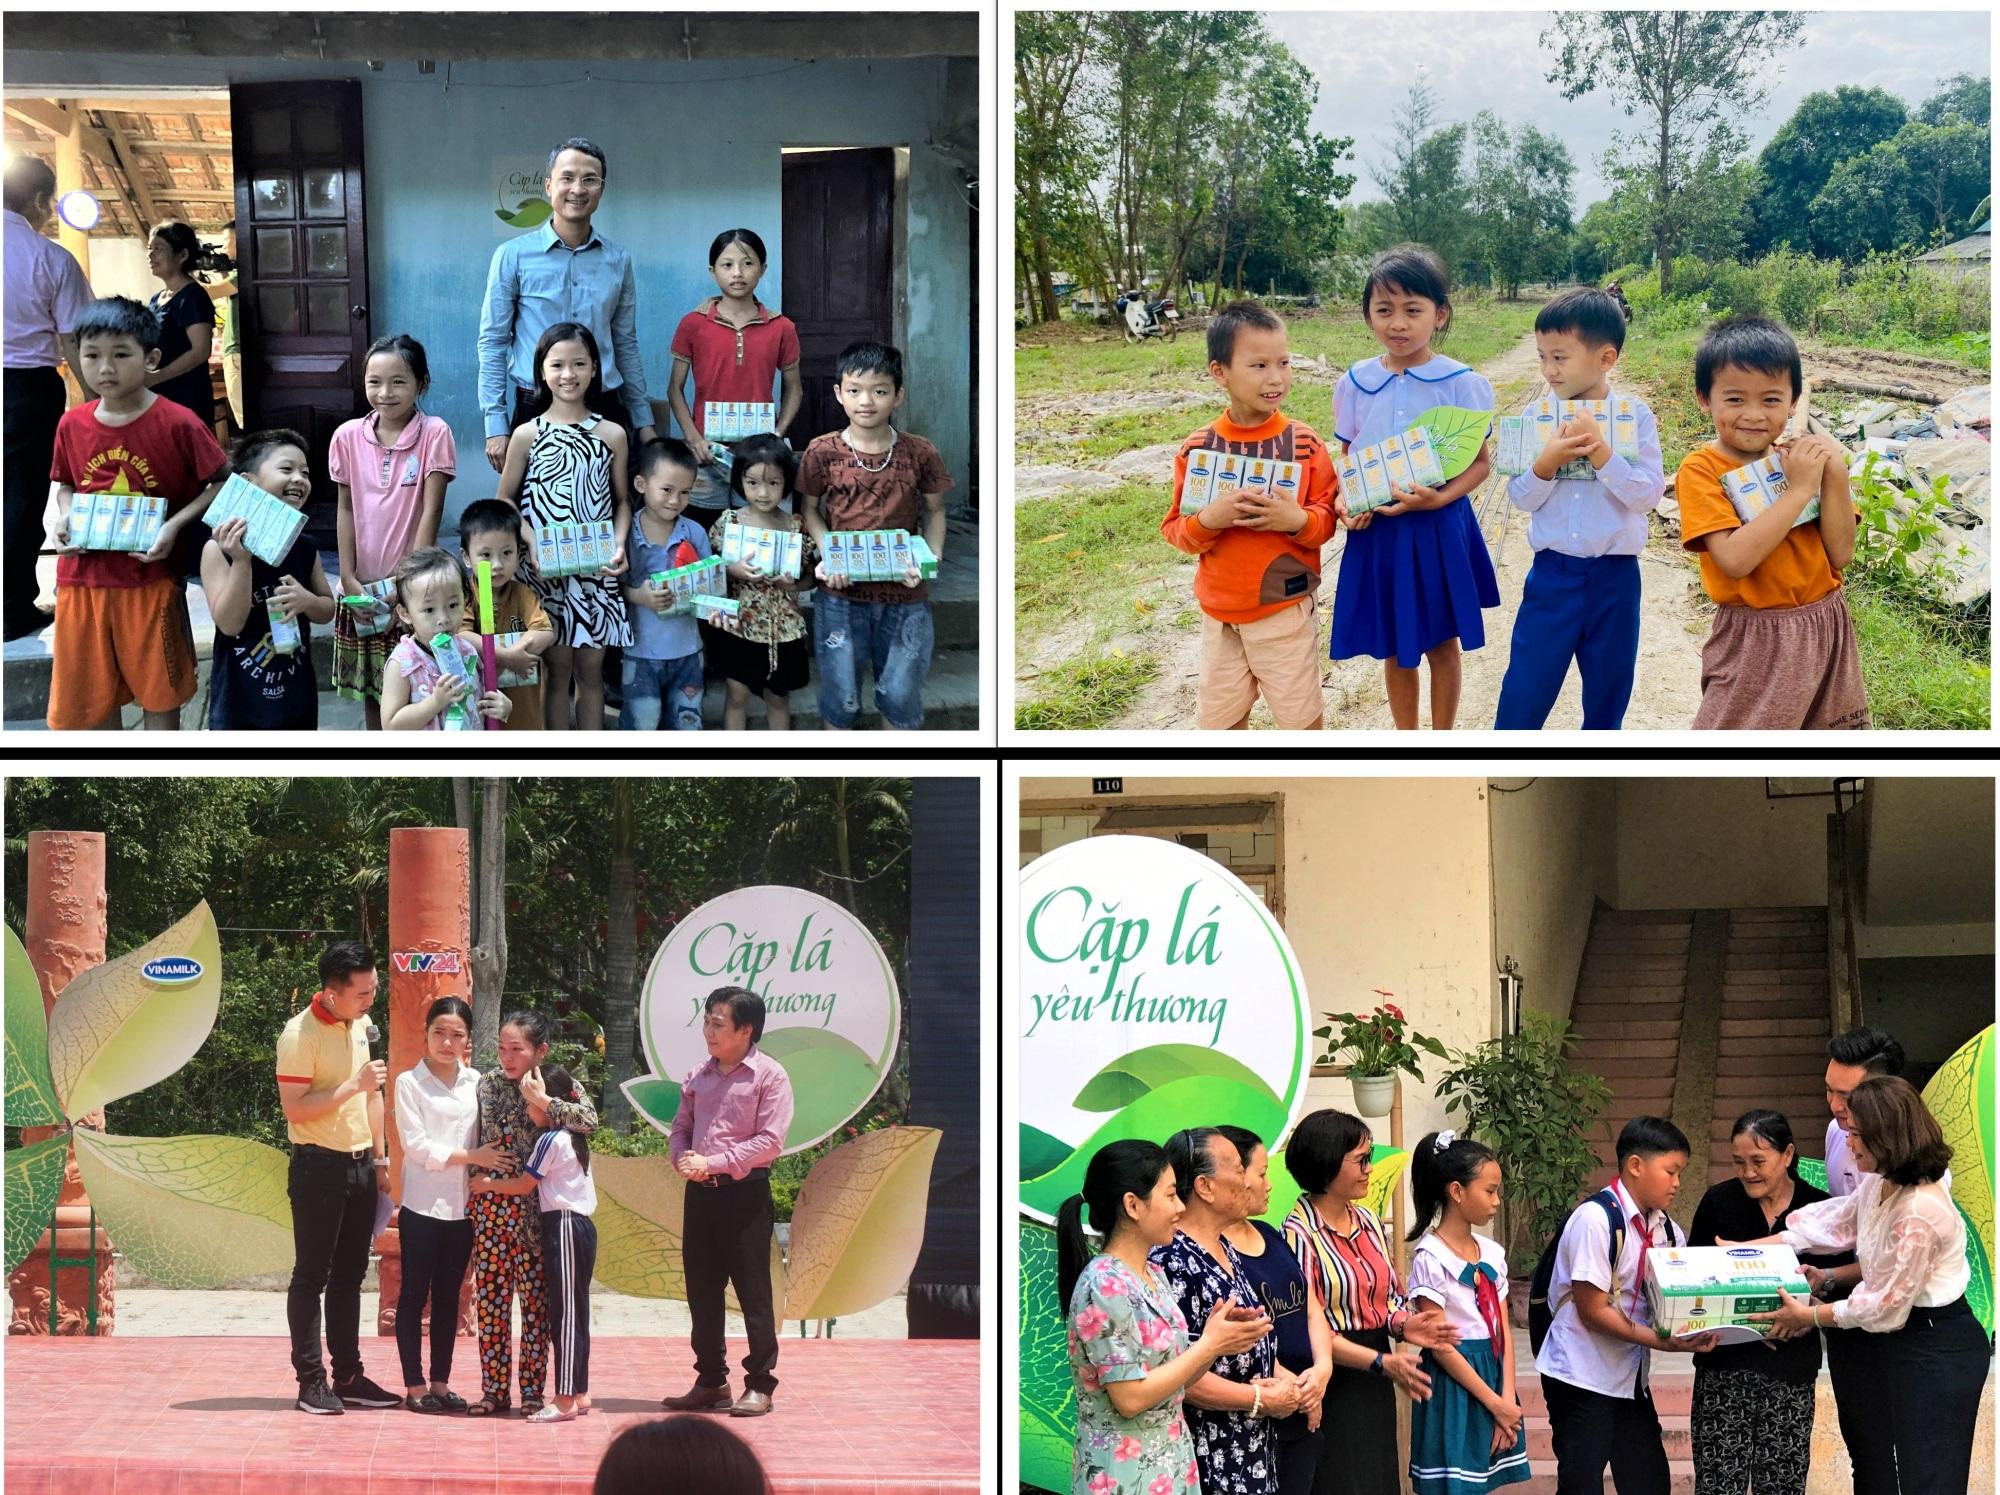 Vinamilk cùng Cặp lá yêu thương tiếp sức đến trường cho trẻ em tỉnh Ninh Bình - Ảnh 5